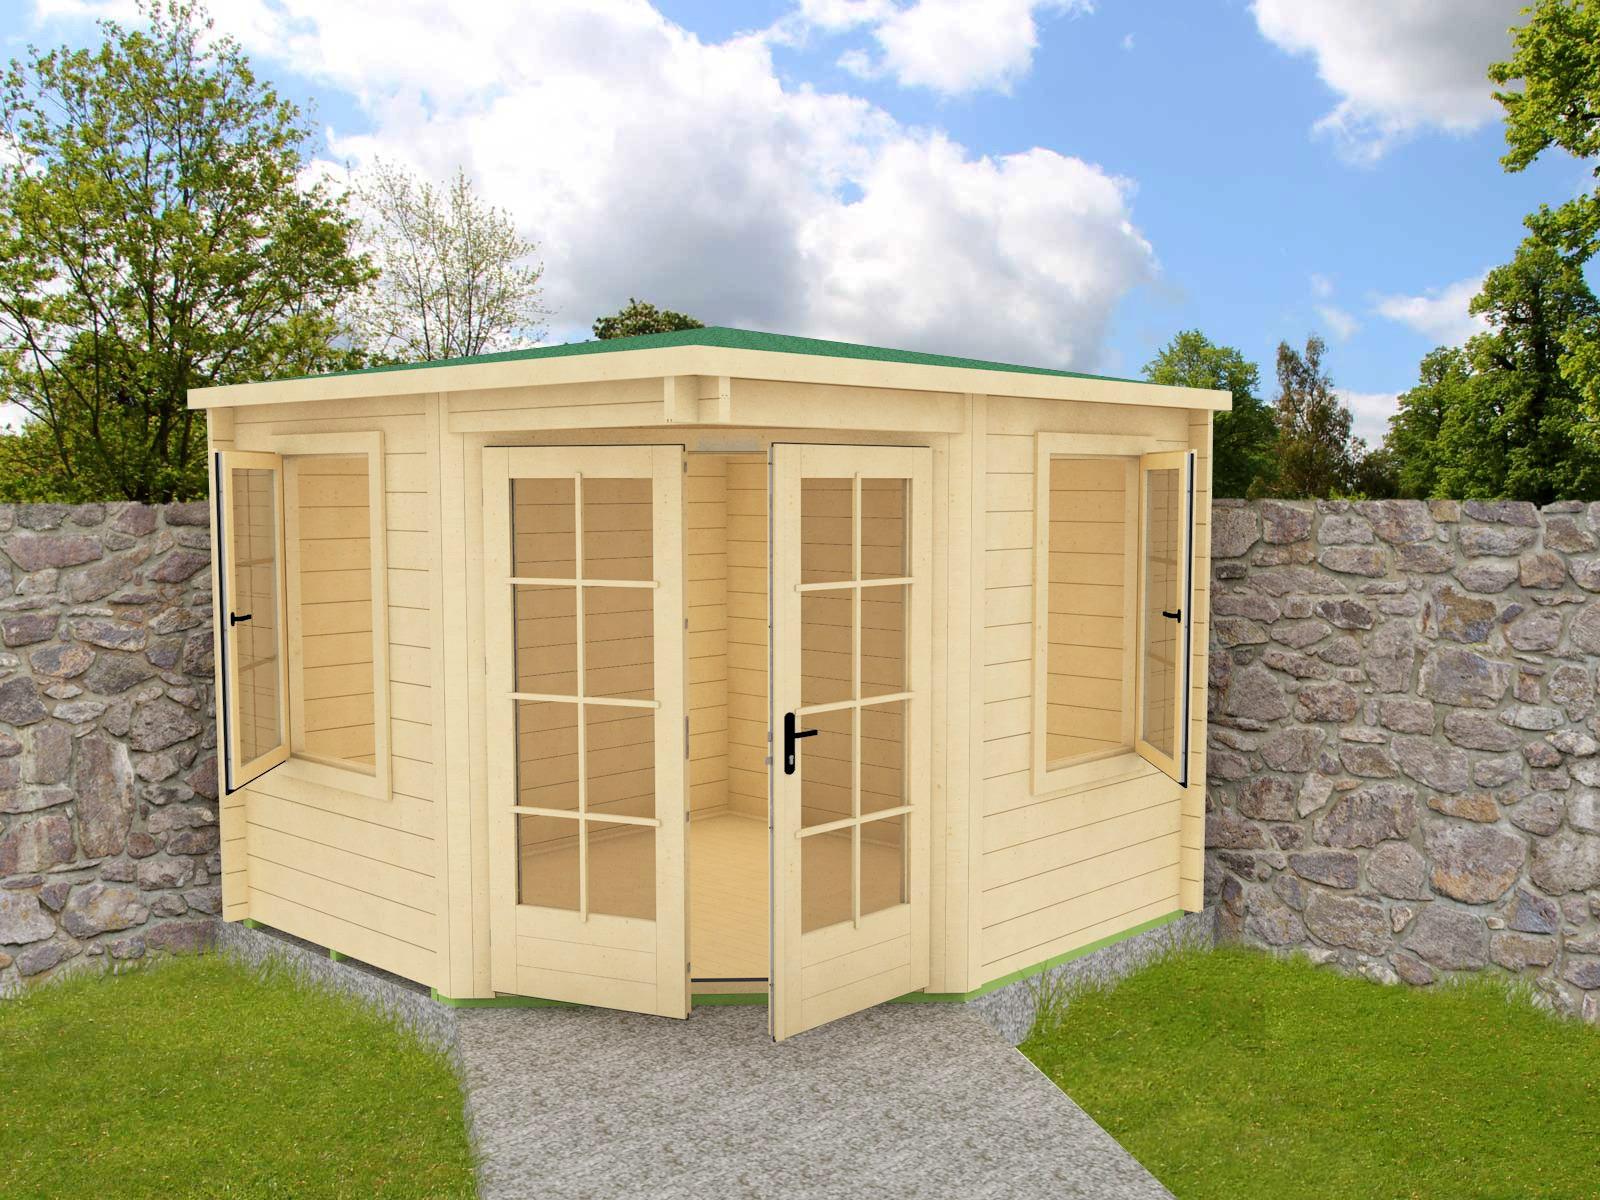 Casette in legno ad angolo for Soluzioni giardino in pendenza